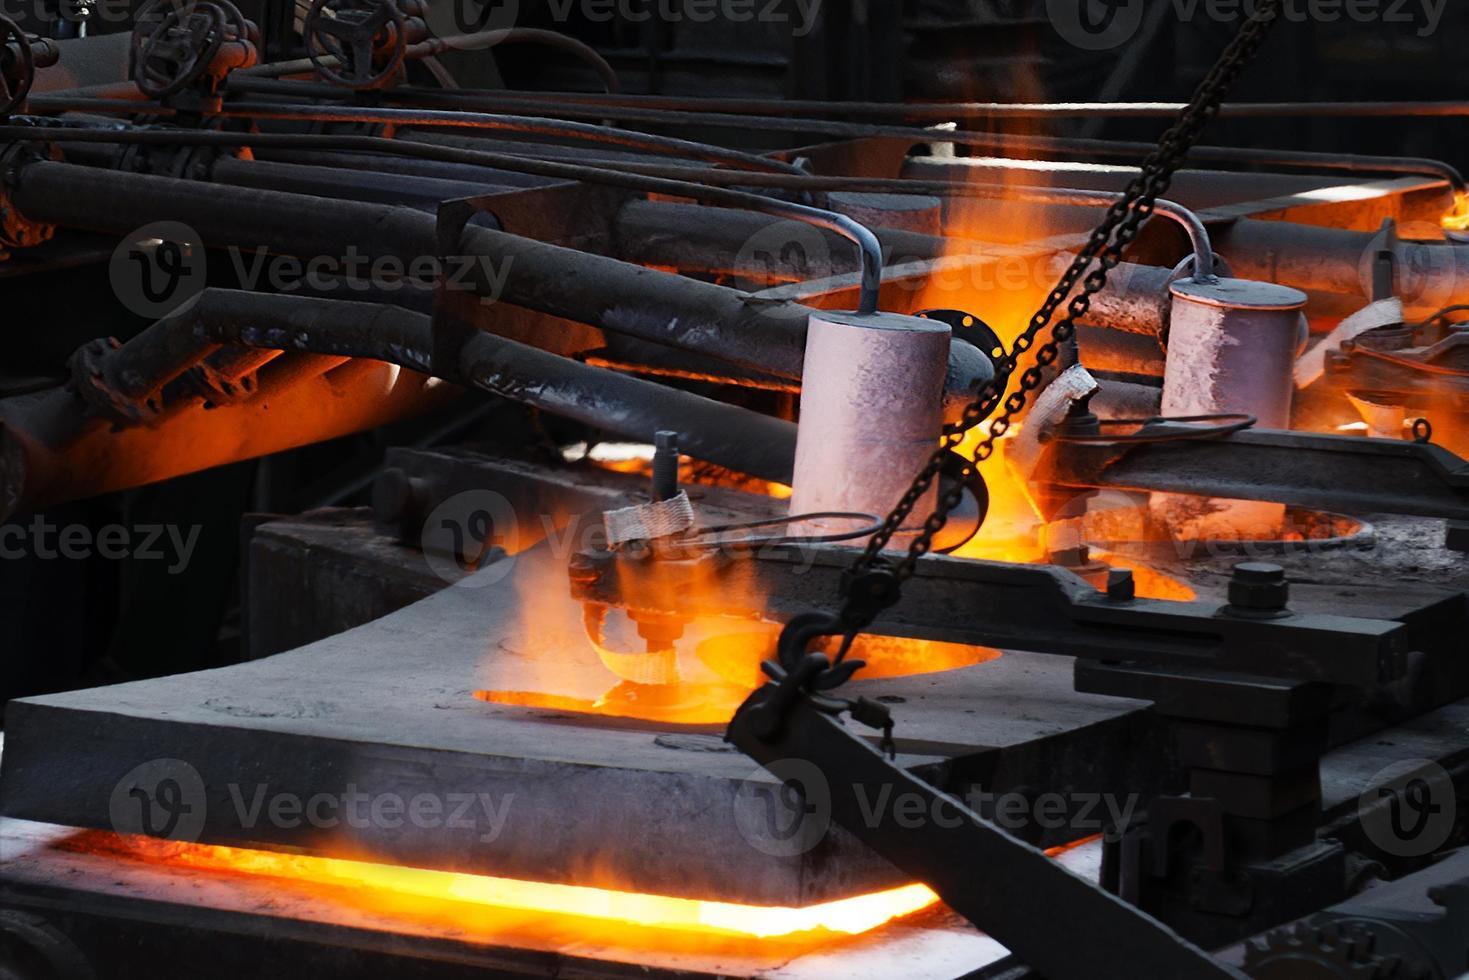 billette d'acciaio al taglio della torcia foto